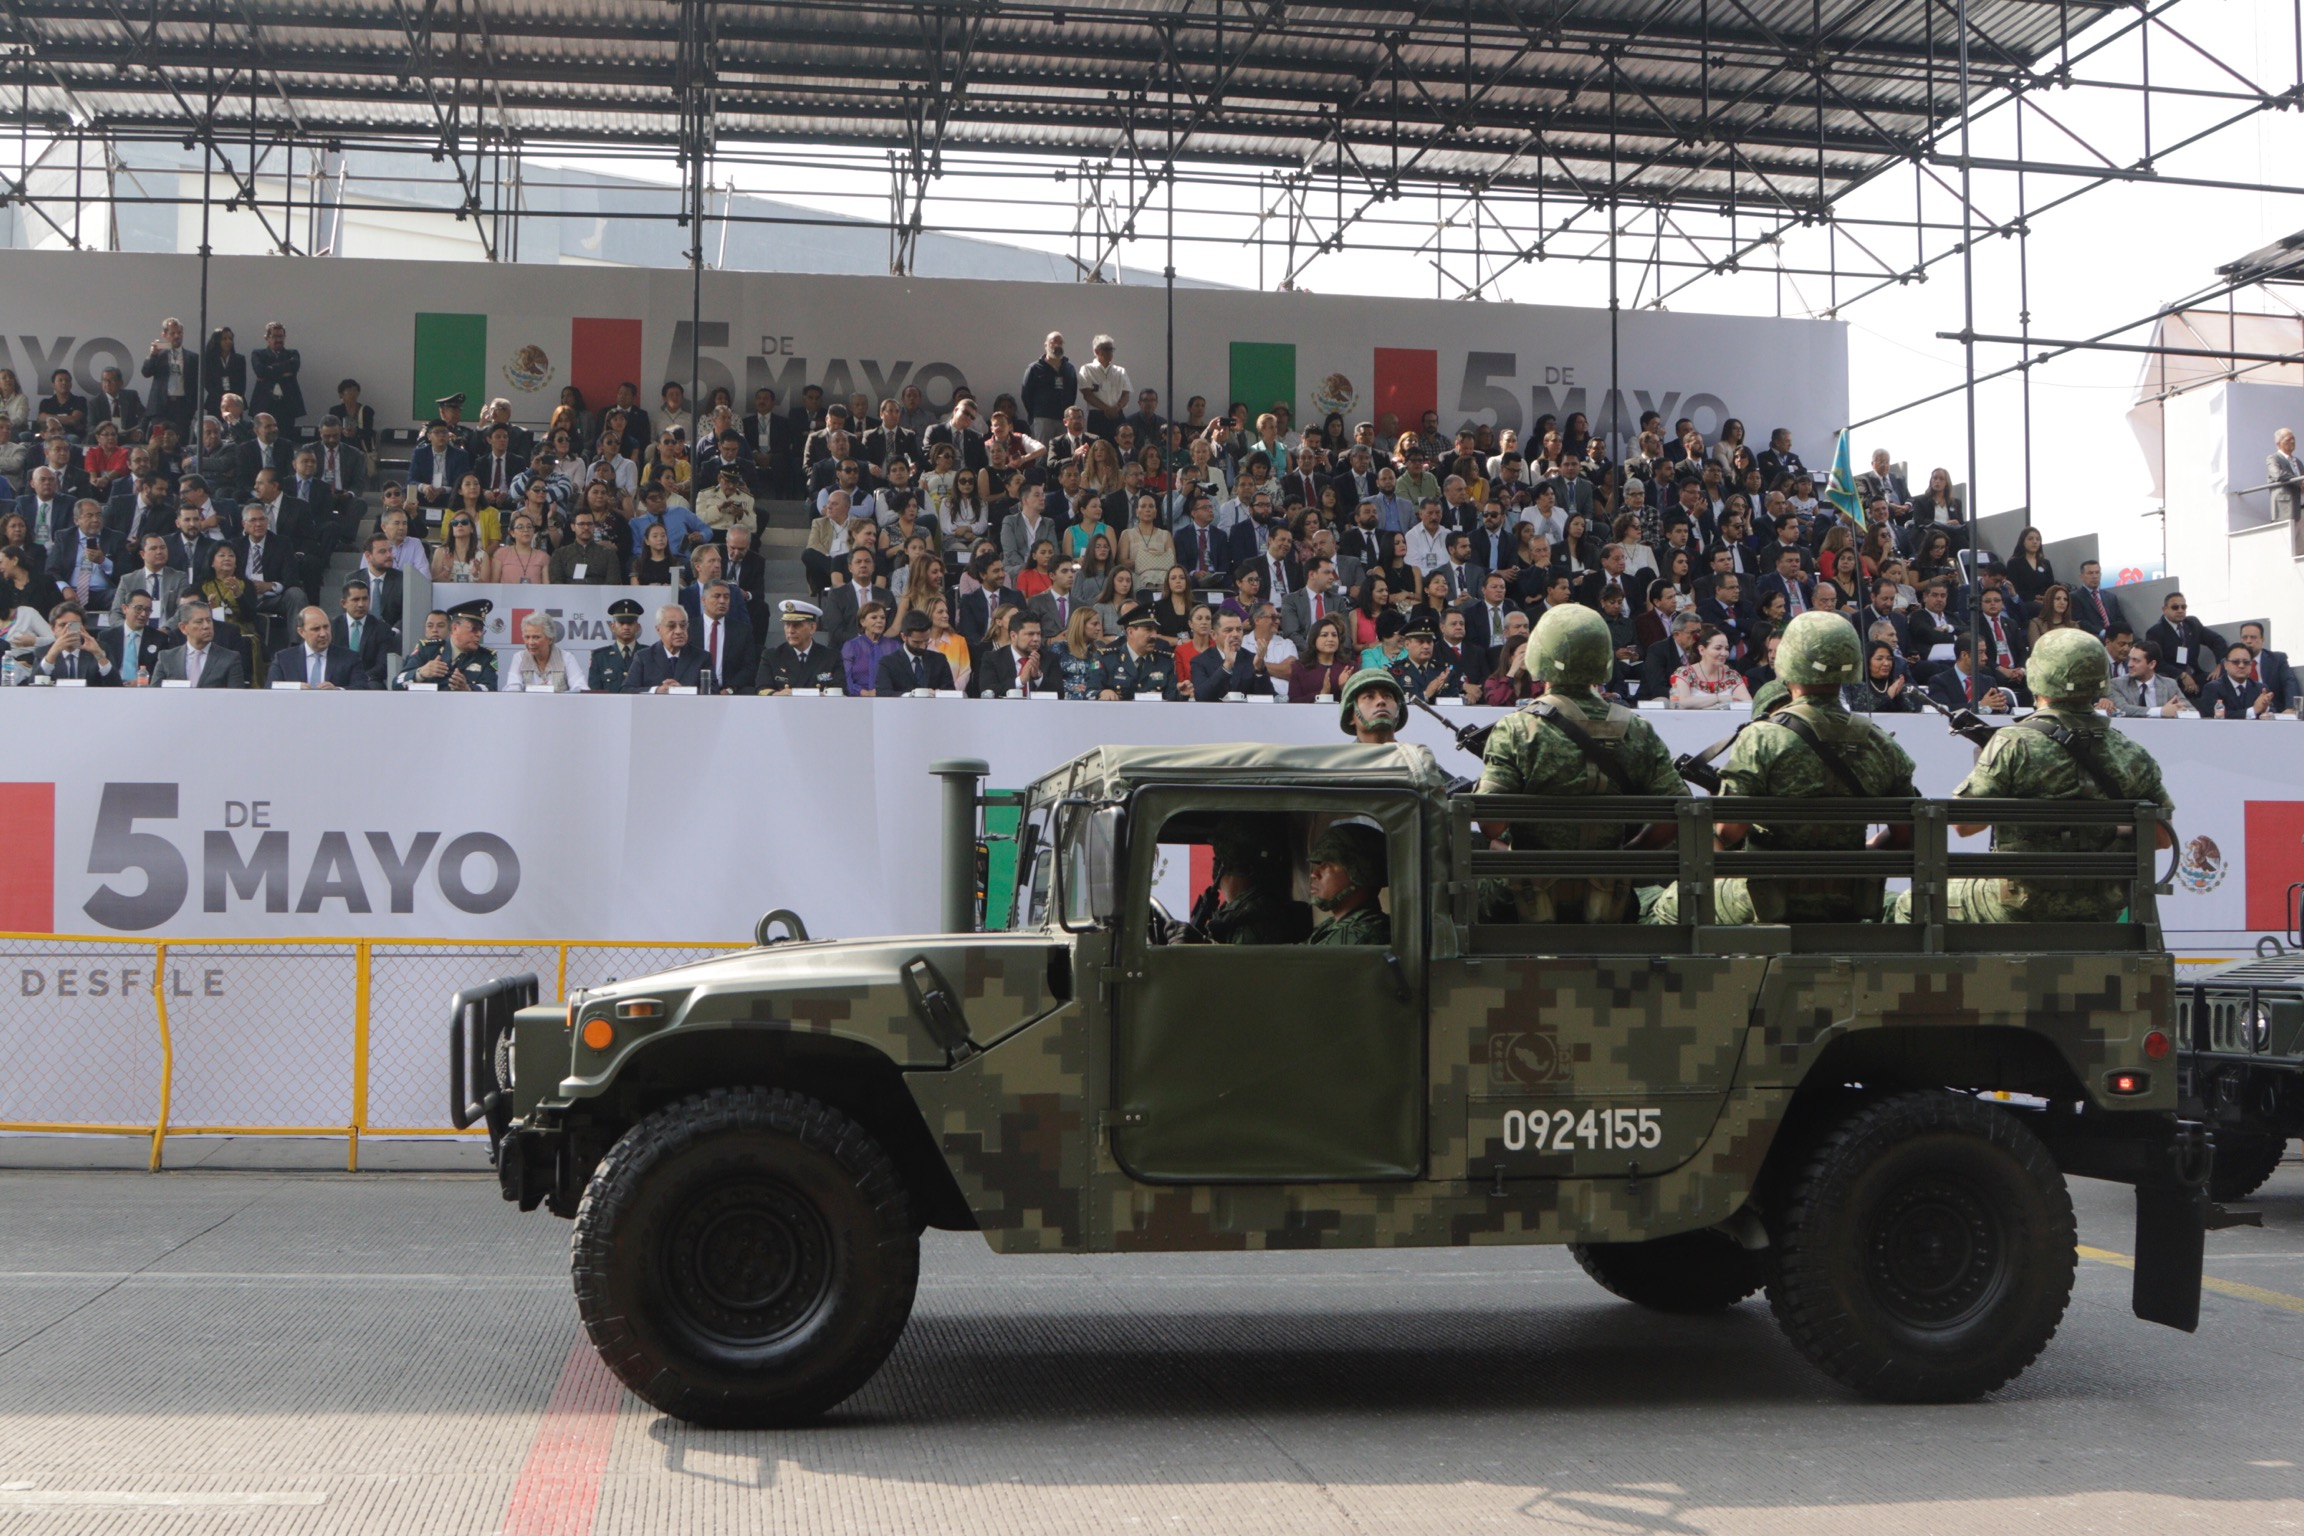 Arranca desfile del 5 de mayo y retoma la ruta tradicional